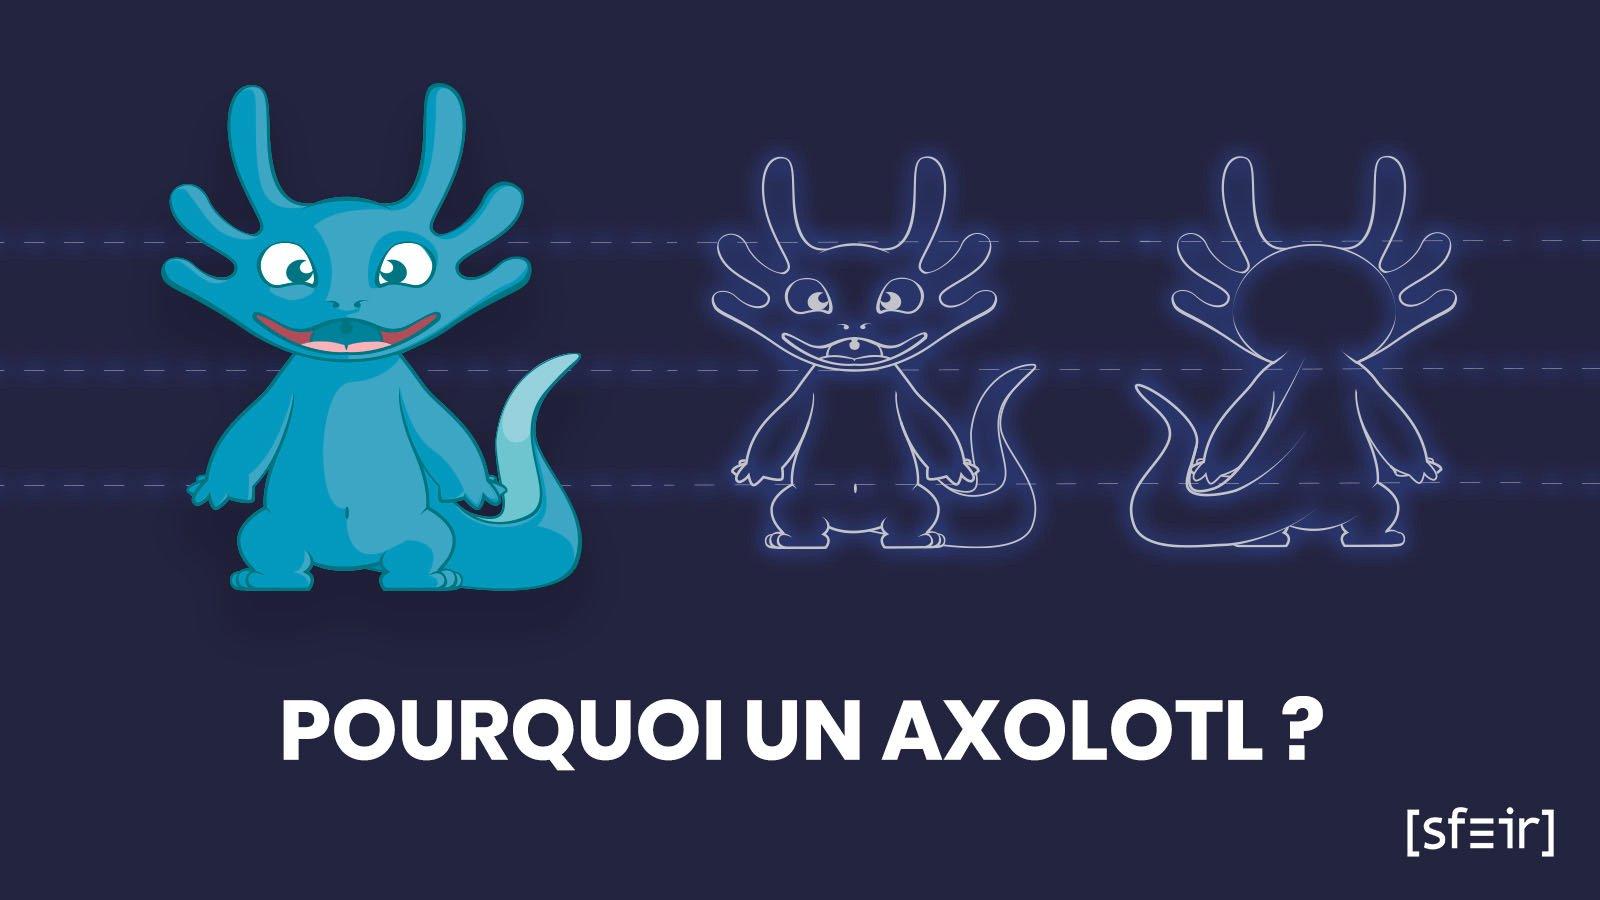 Mascotte SFEIR - Pourquoi un Axolotl ?